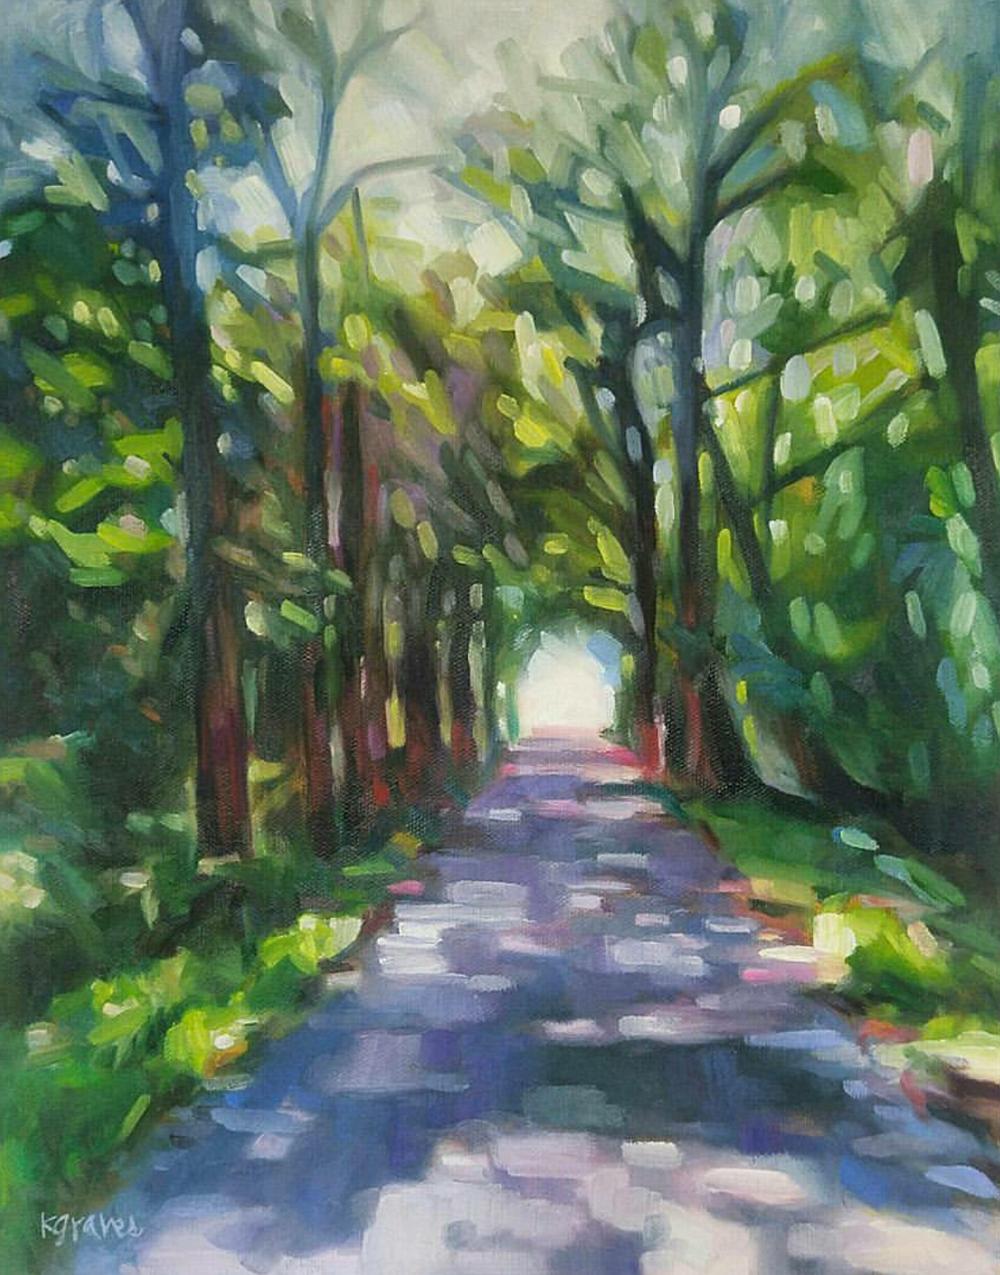 Memory Lane, 11x14